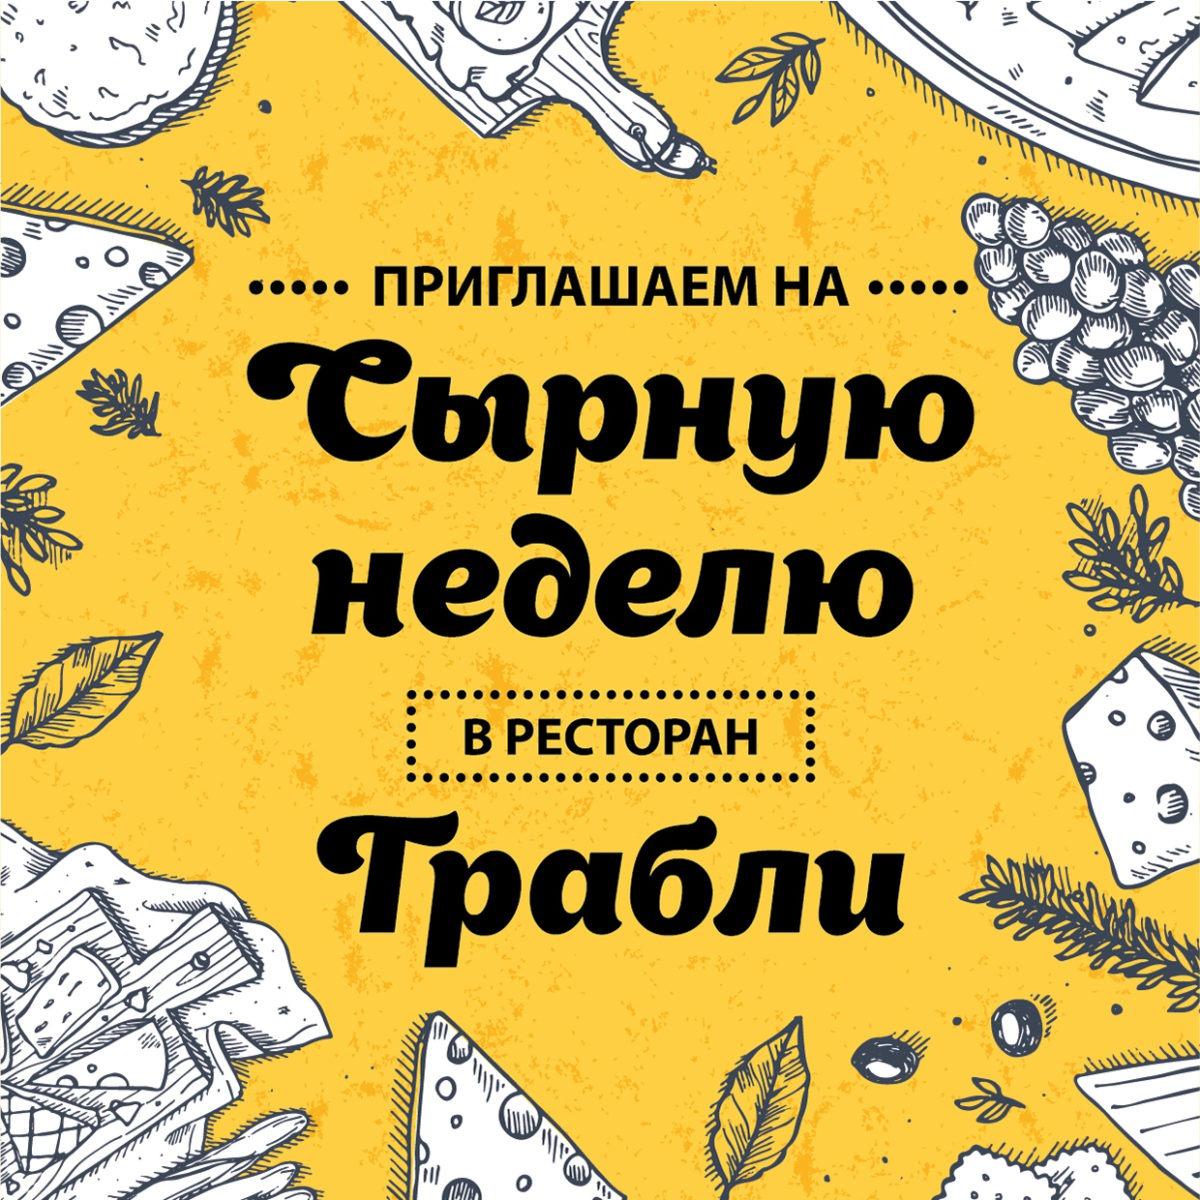 Сырная неделя в ресторанах «Грабли»